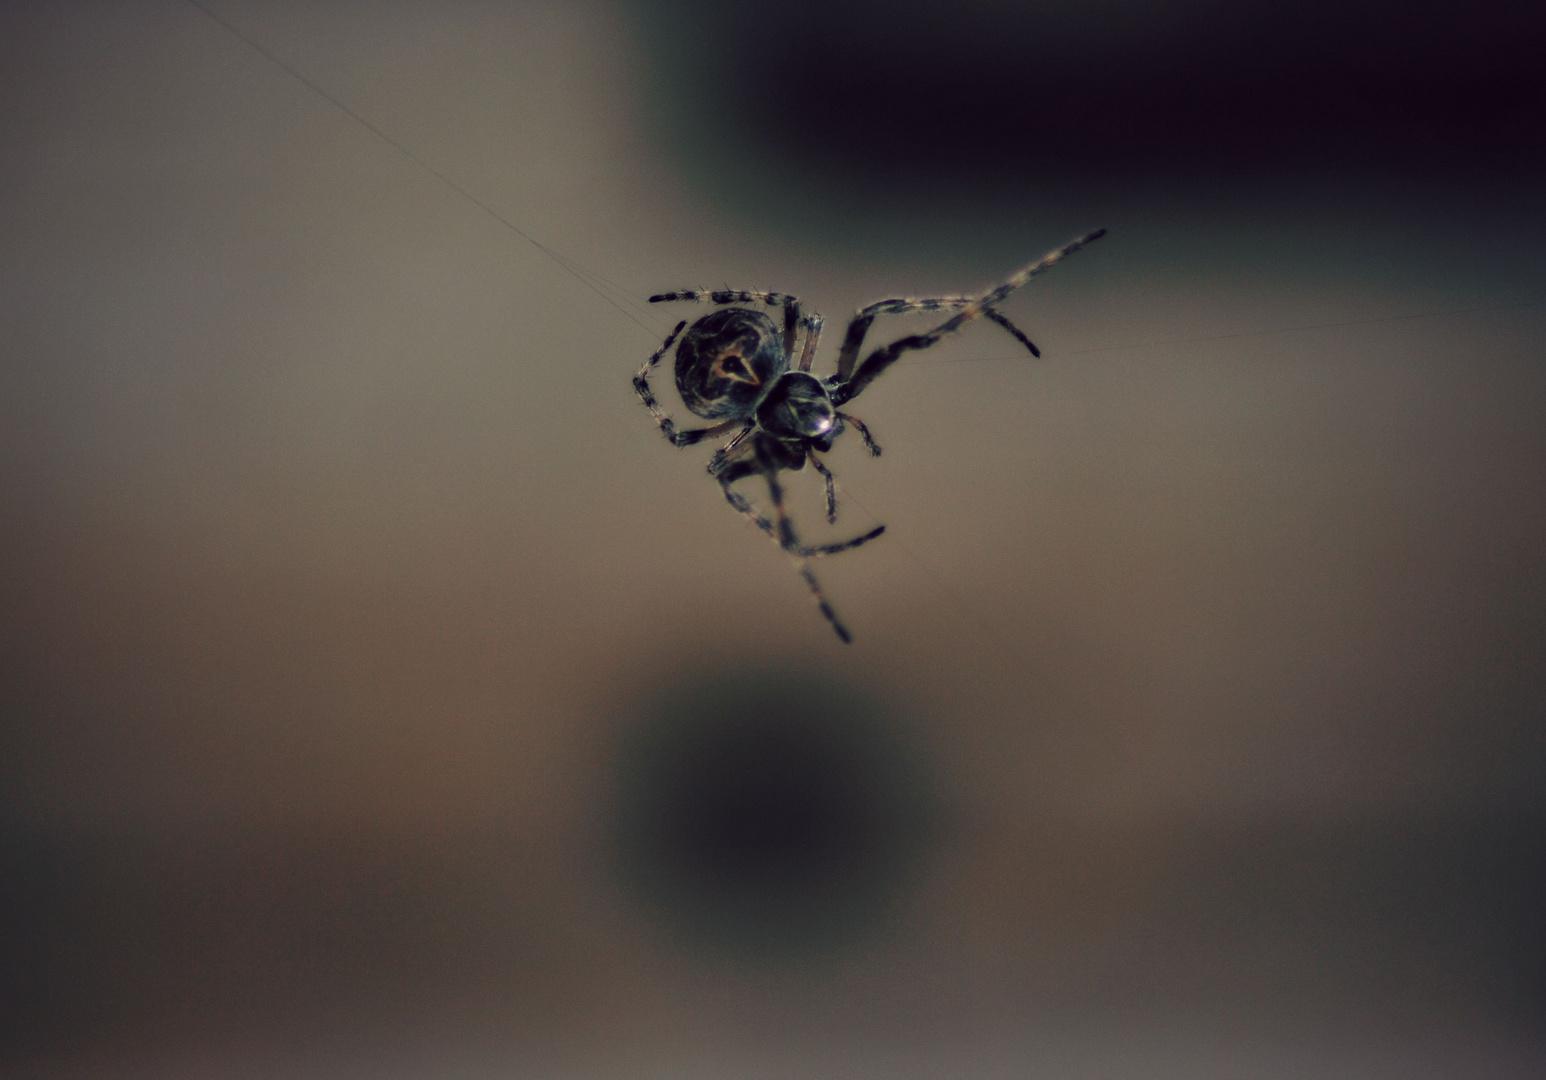 Netz Spannen netz spannen foto bild tiere tierdetails natur bilder auf